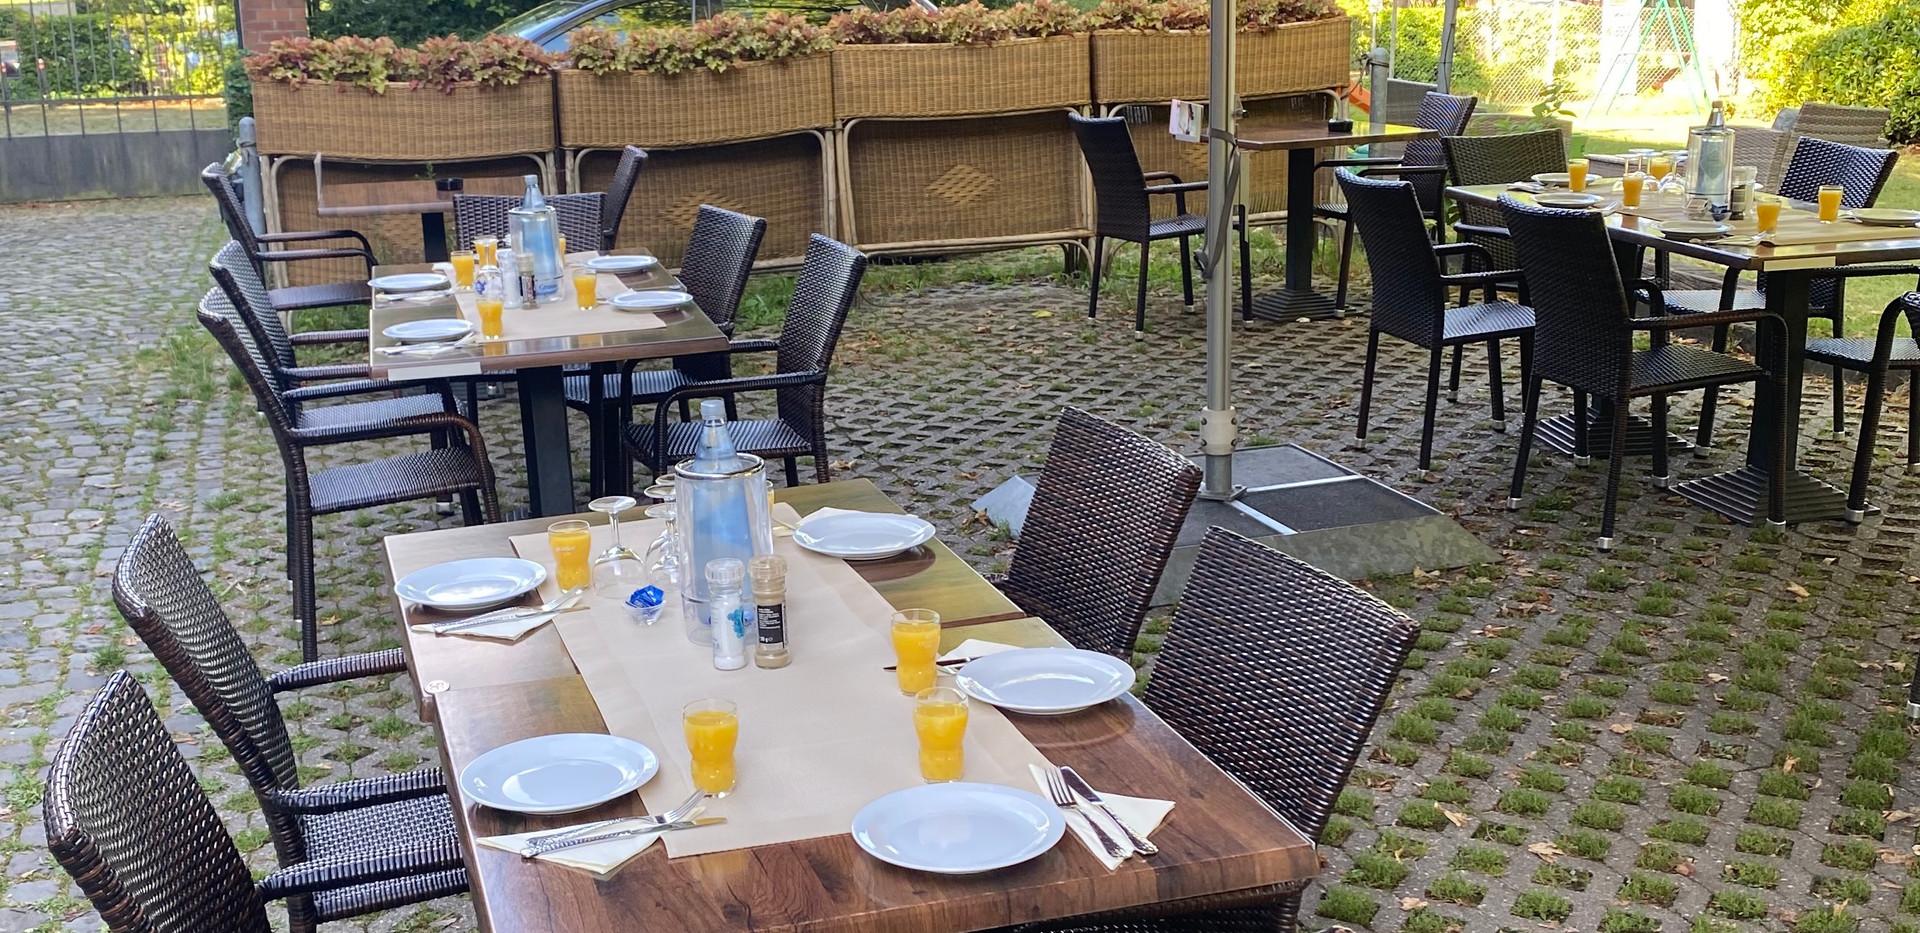 cafe-liege-missio-haus-terasse-frühstück-brunch-angebot.jpg